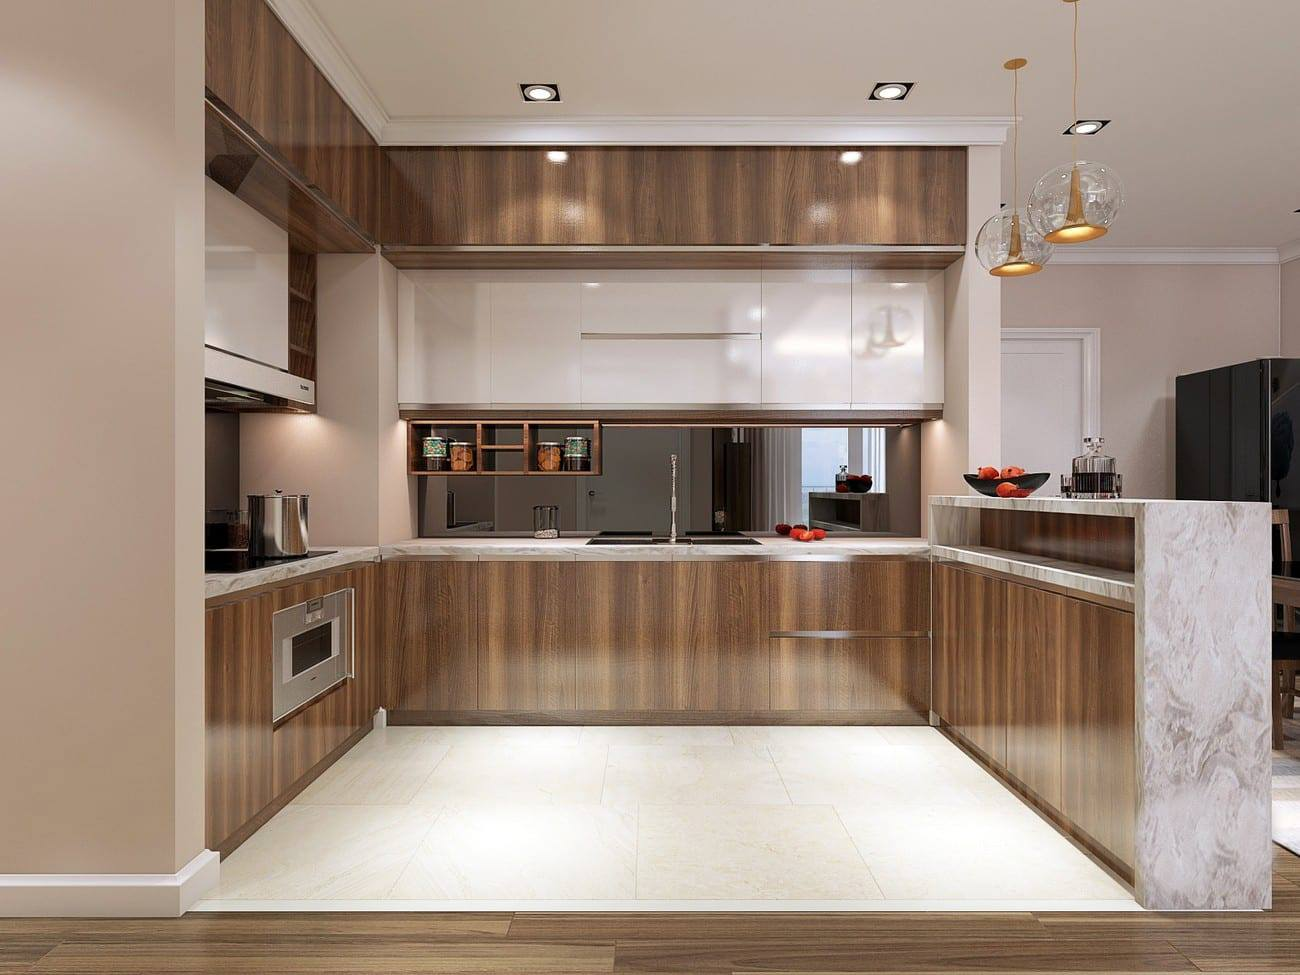 Acrylic vân gỗ: Làn gió mới tạo nên những sản phẩm nội thất đầy tinh tế